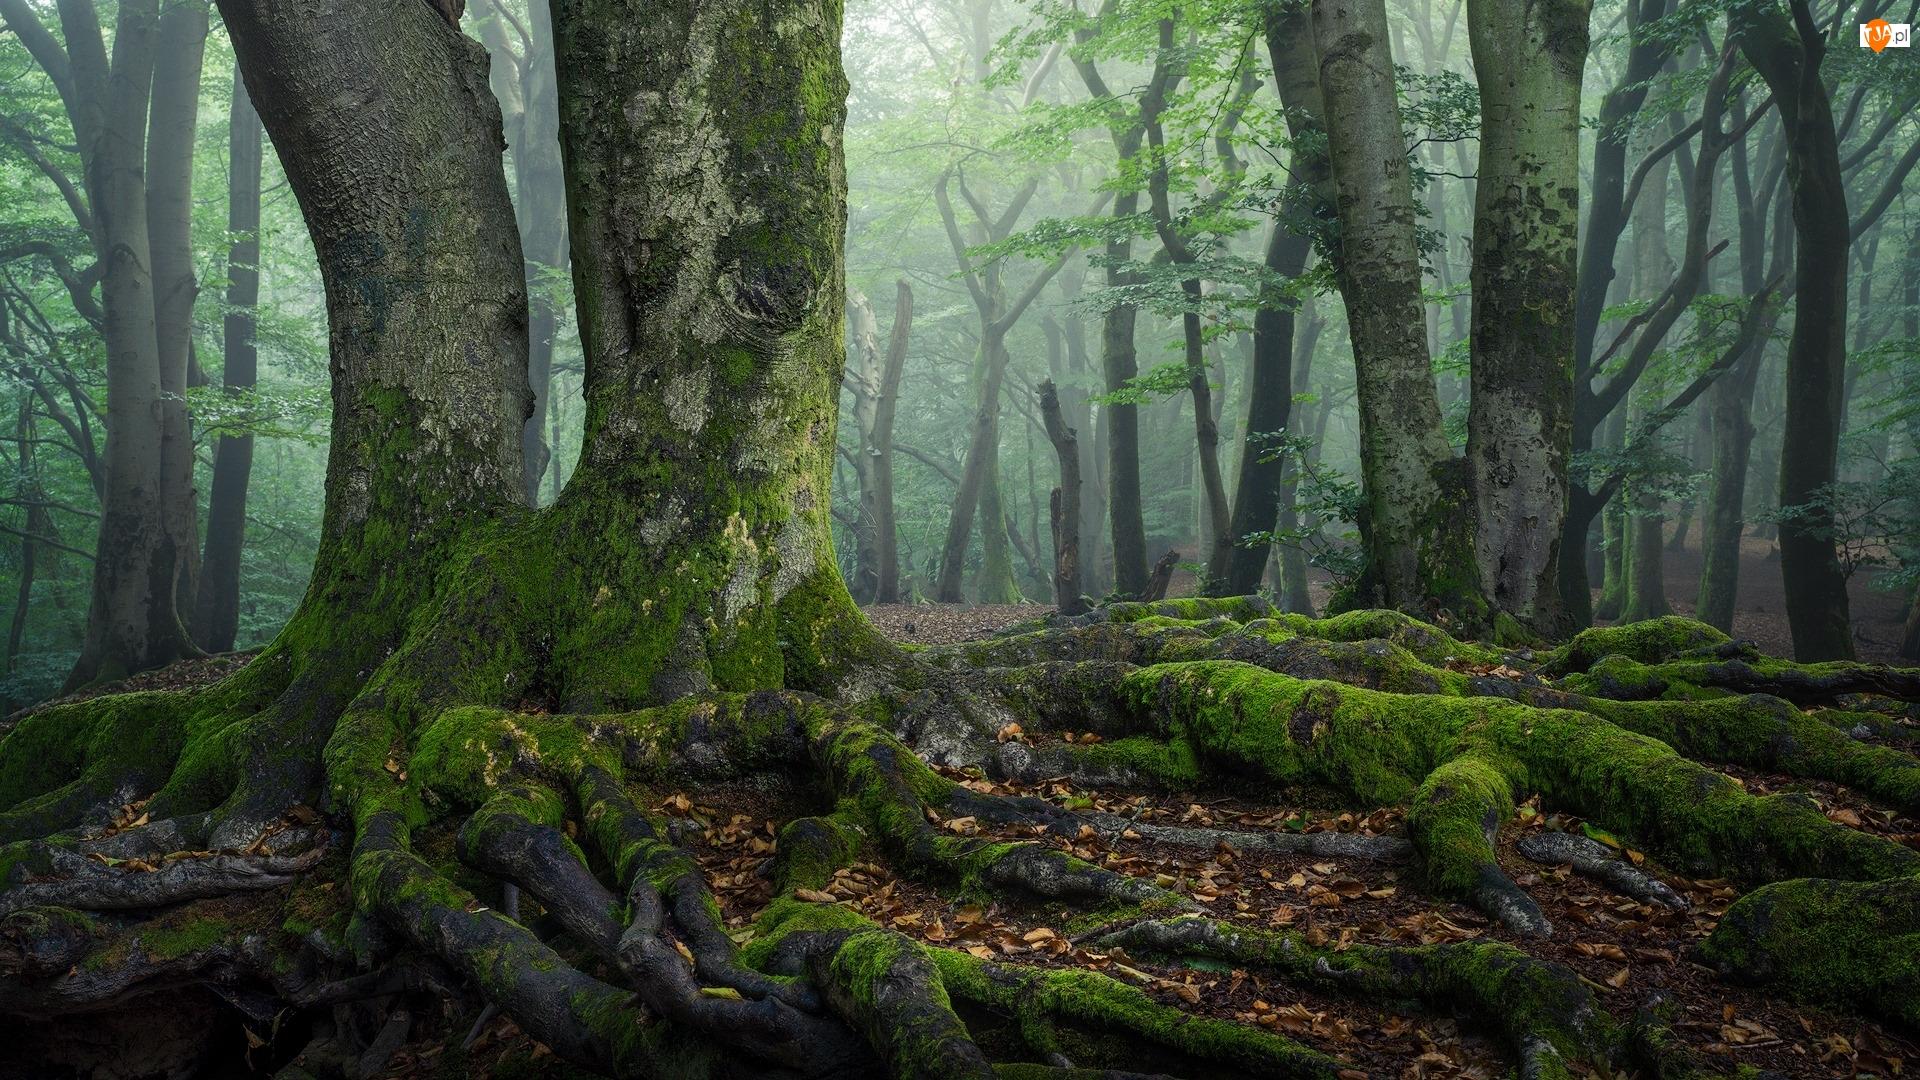 Drzewa, Las, Omszałe, Mgła, Korzenie, Pnie